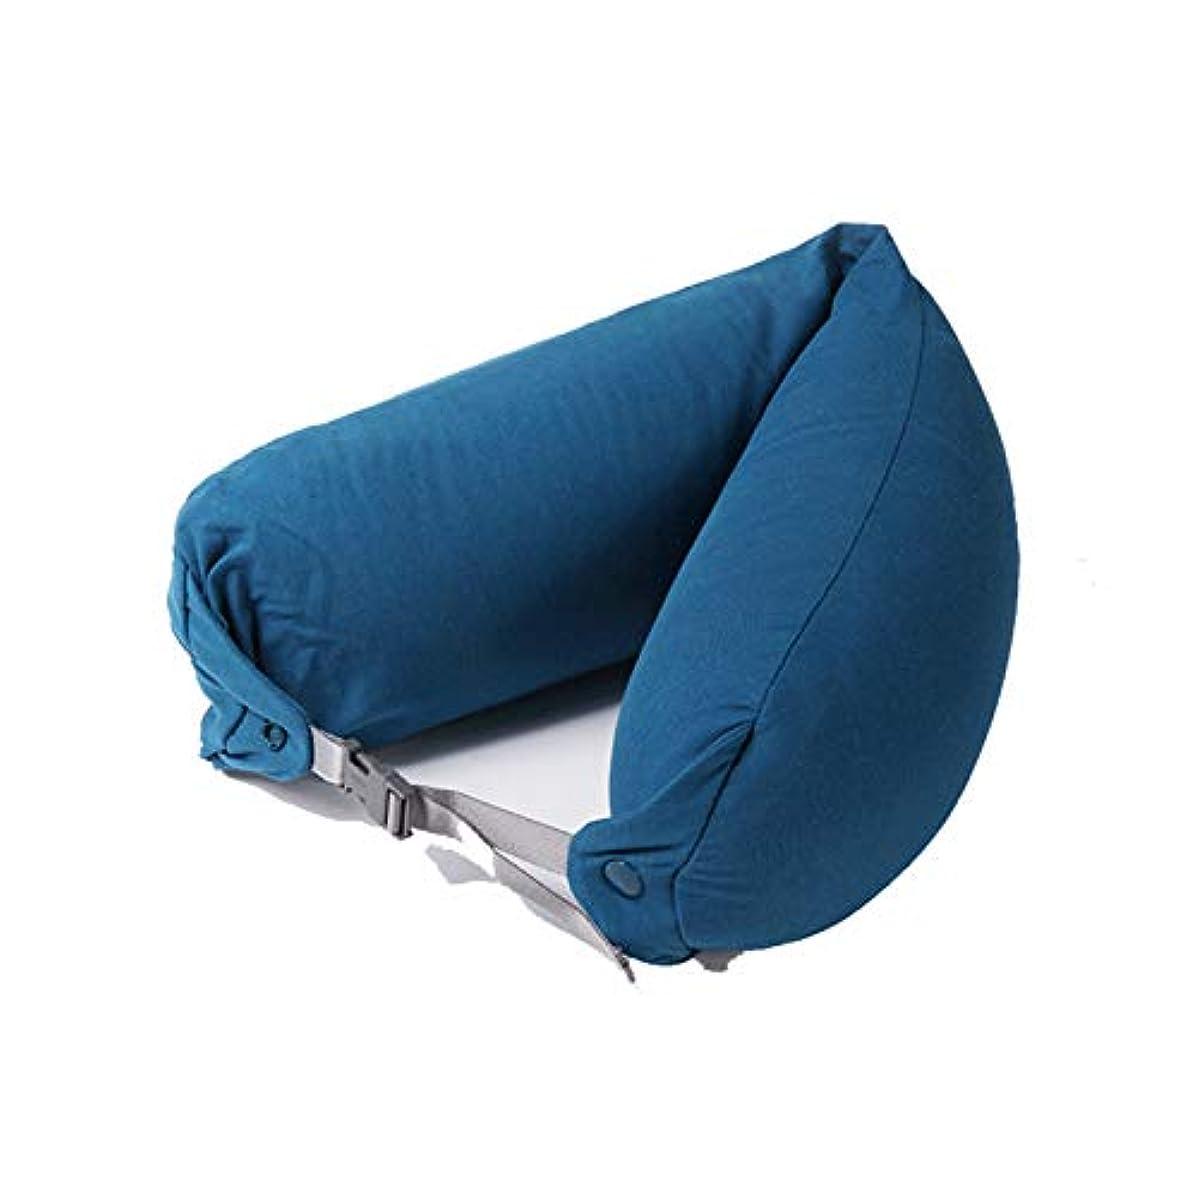 回転させる比類なきクラシックSMART ホームオフィス背もたれ椅子腰椎クッションカーシートネック枕 3D 低反発サポートバックマッサージウエストレスリビング枕 クッション 椅子